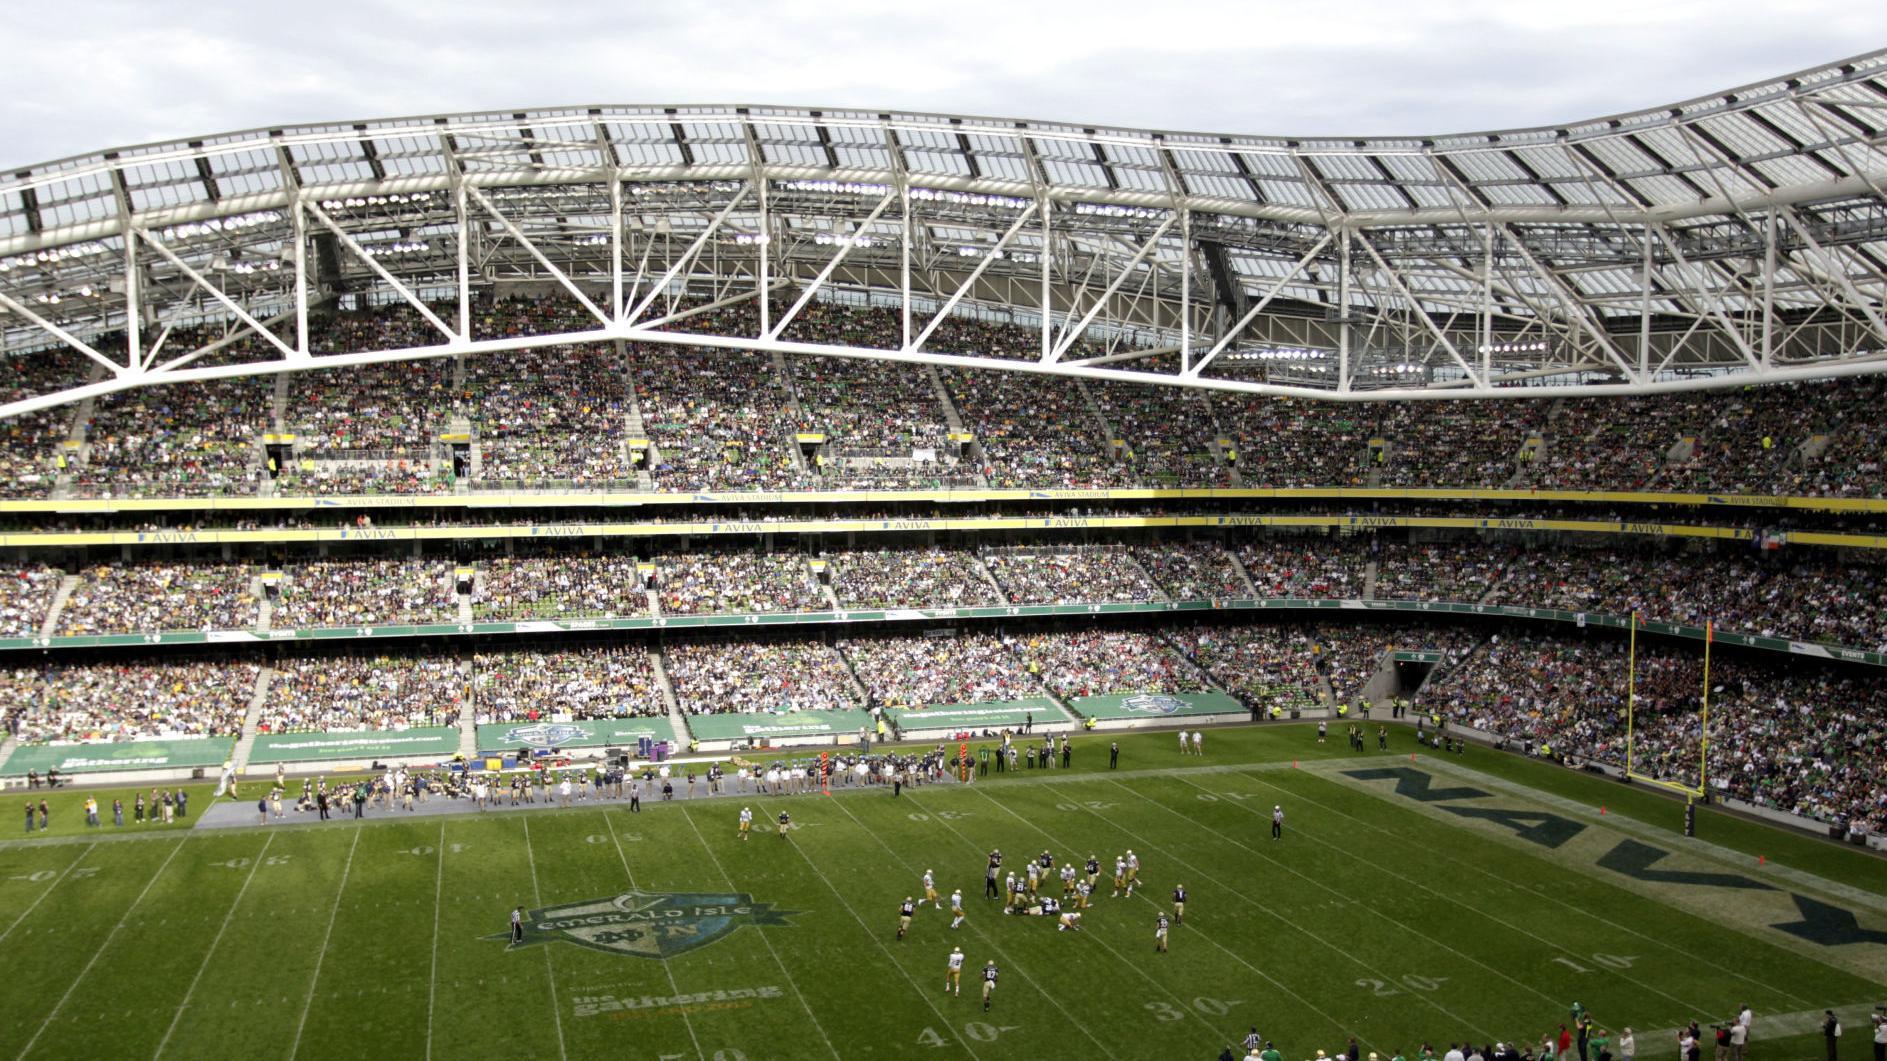 Northwestern Calendar 2022.Sources Plans In Works For Nebraska To Open 2022 Season In Dublin Perhaps Vs Northwestern Football Journalstar Com